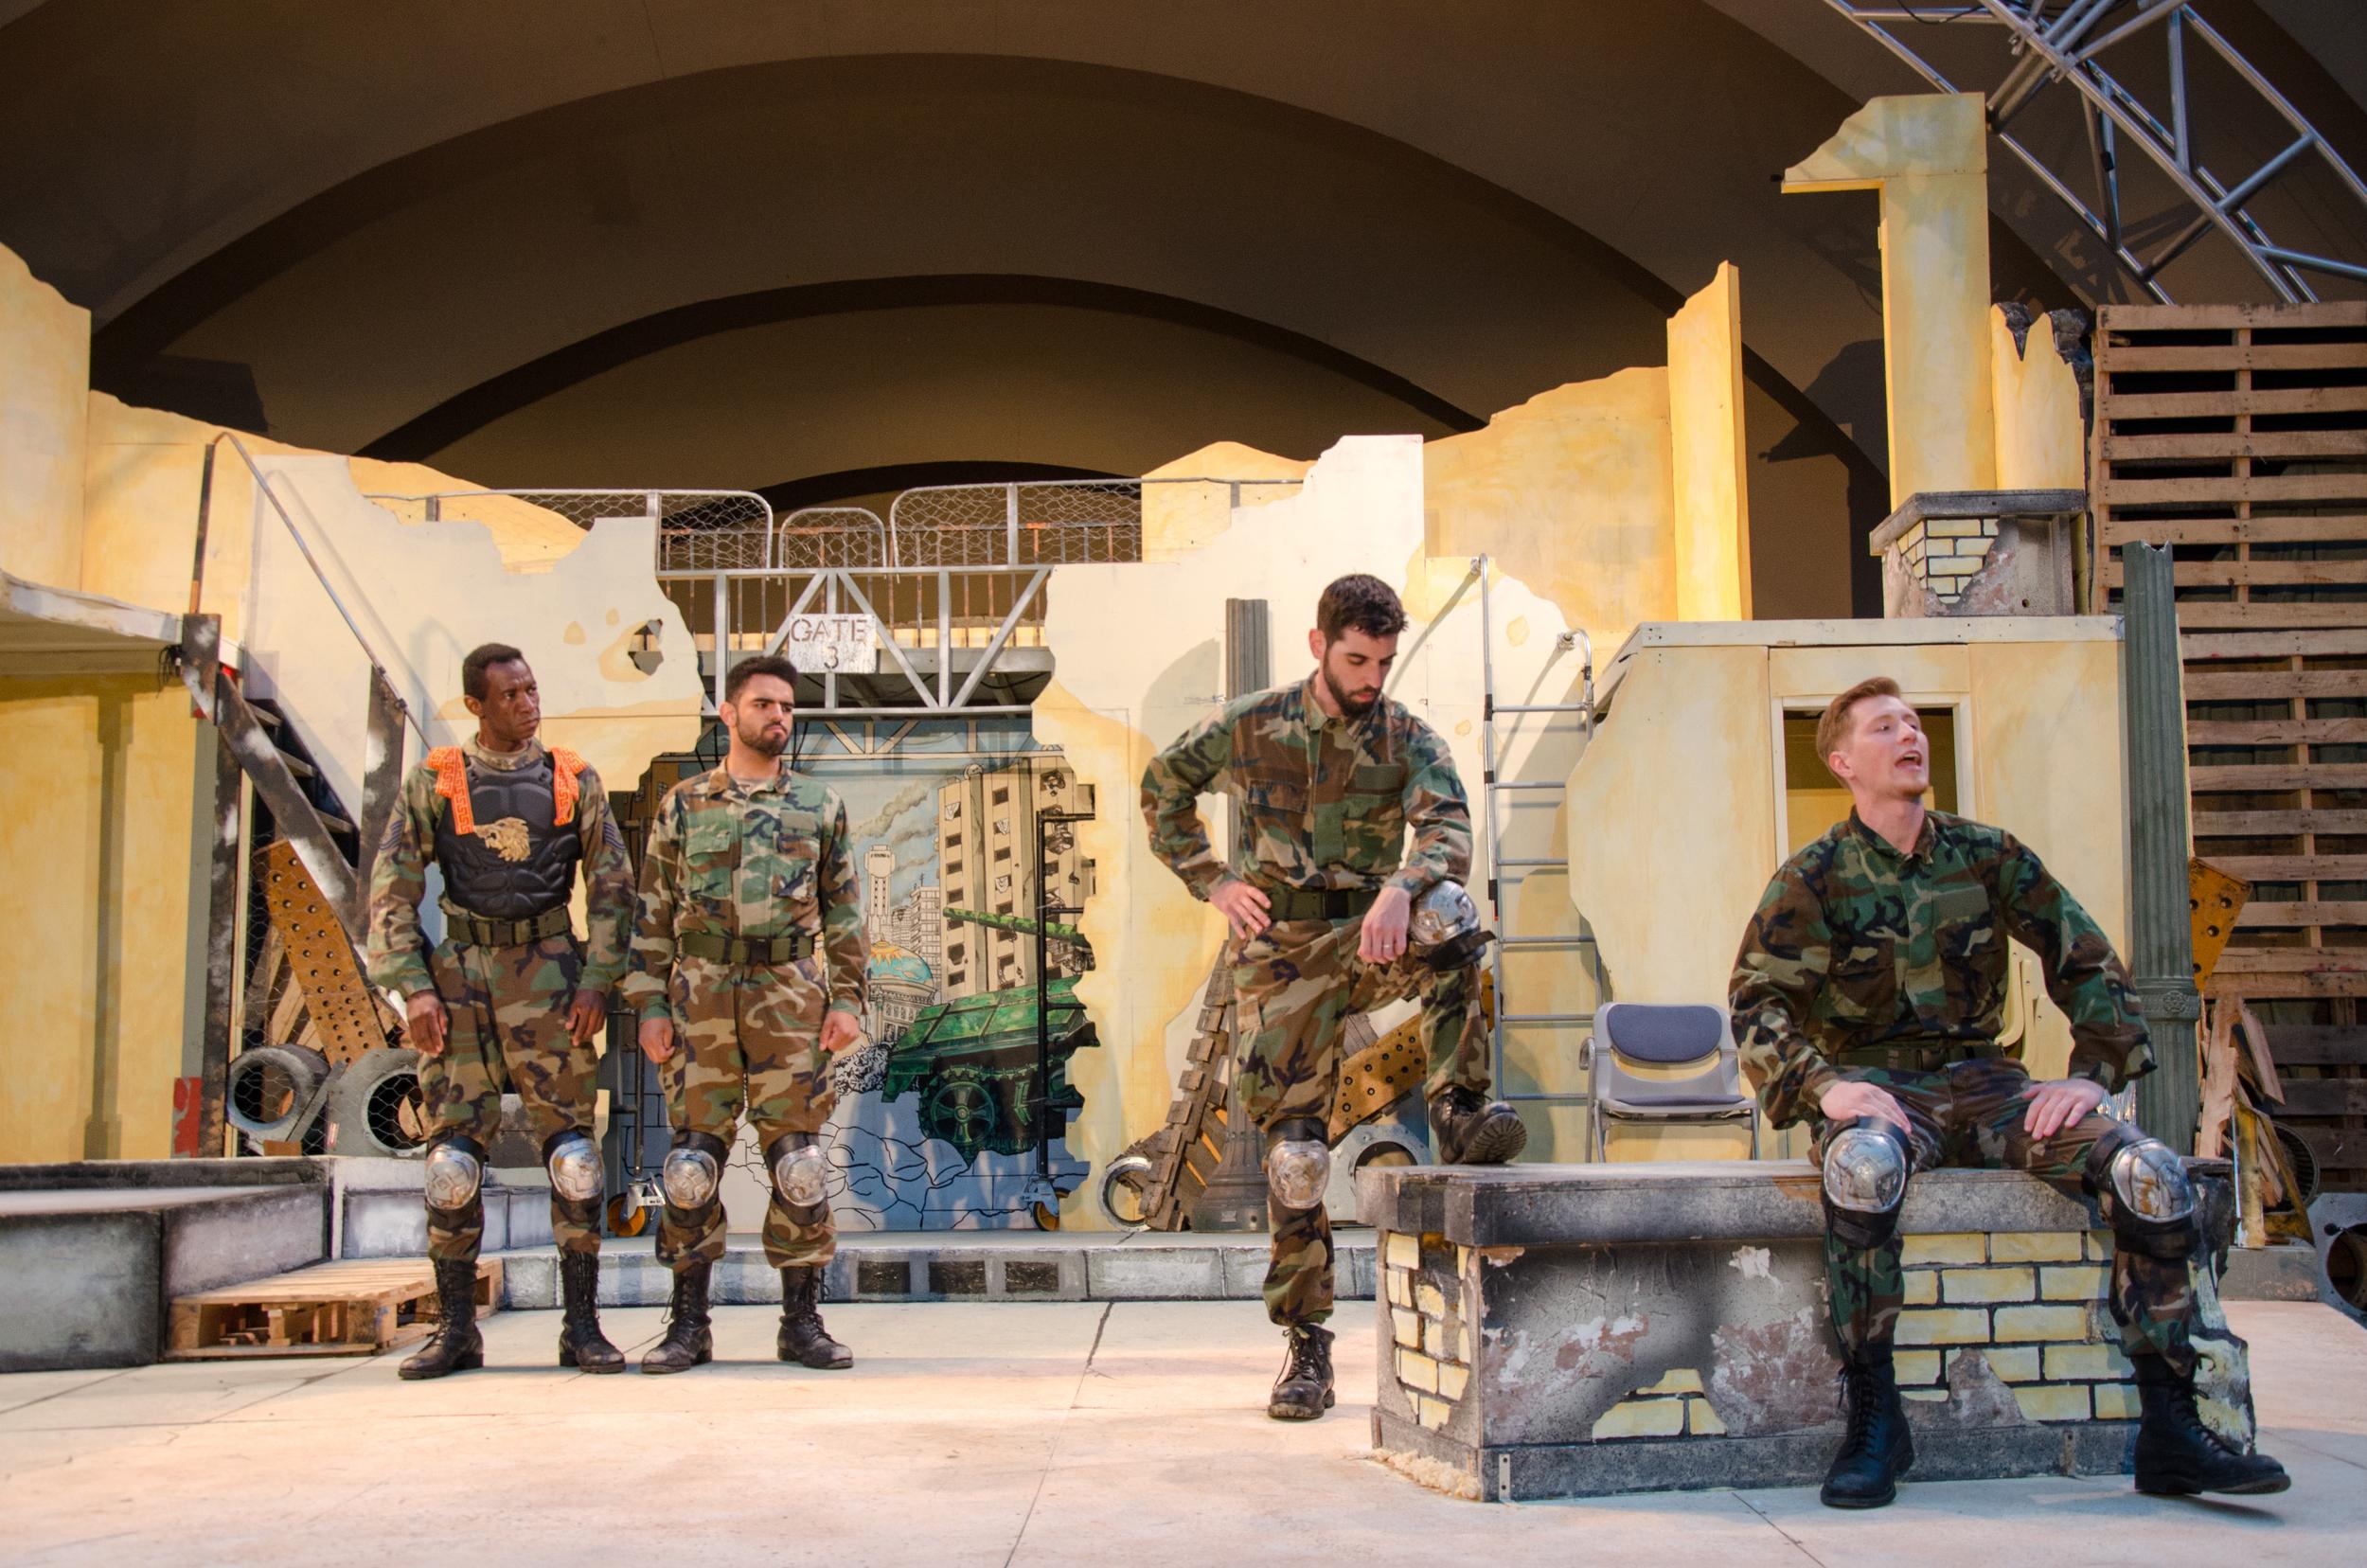 Priam (Clem Onukwubiri), Paris (Matthew Mercado), Hector (Sean Adams), Troilus (Jared Calhoun)